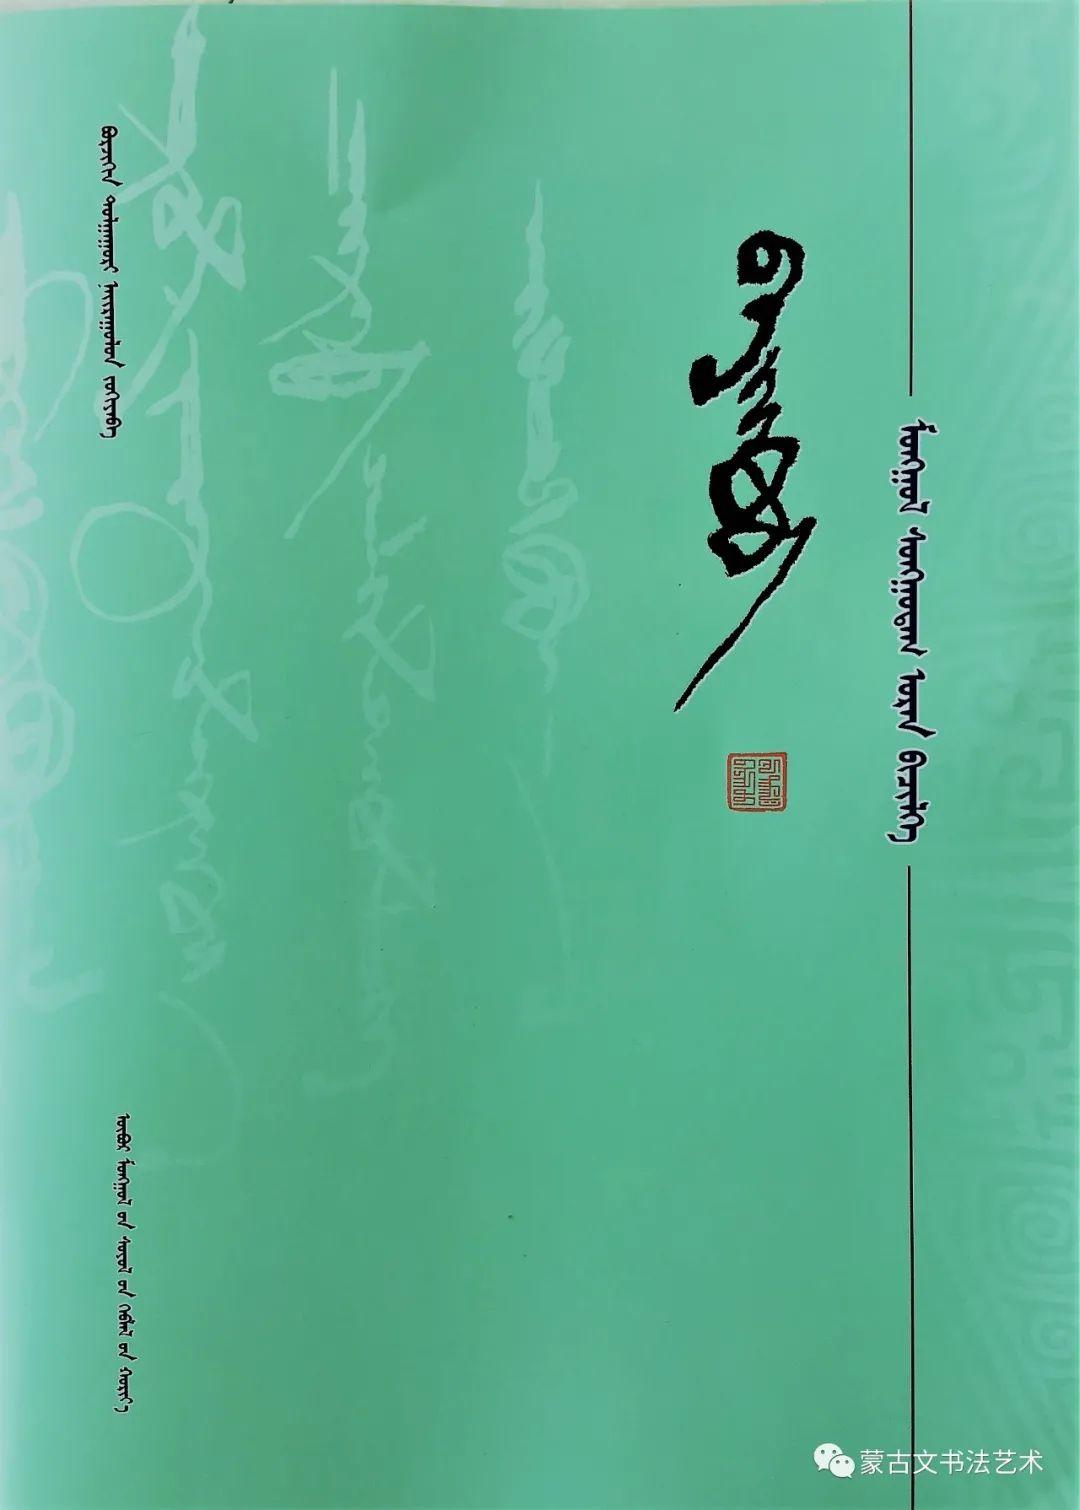 包宝柱《蒙古文经典书法》 第22张